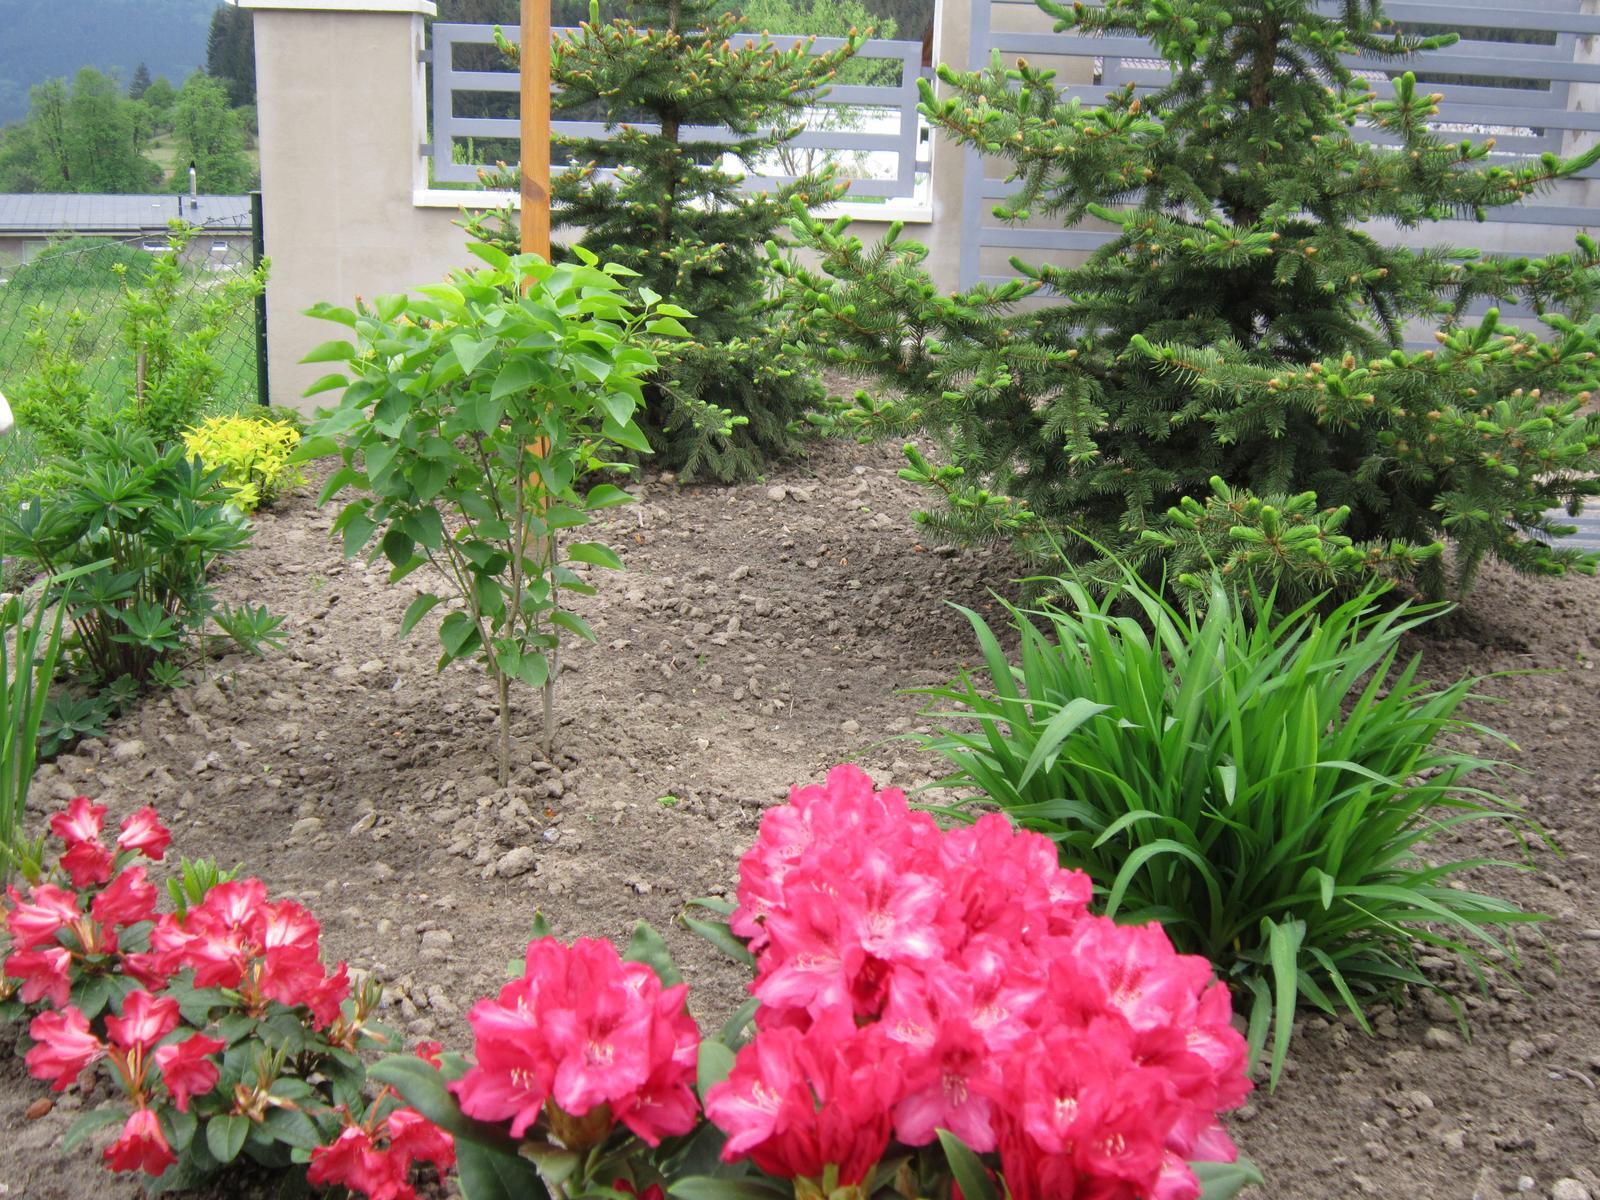 Moja záhrada...ako šiel čas - Obrázok č. 43